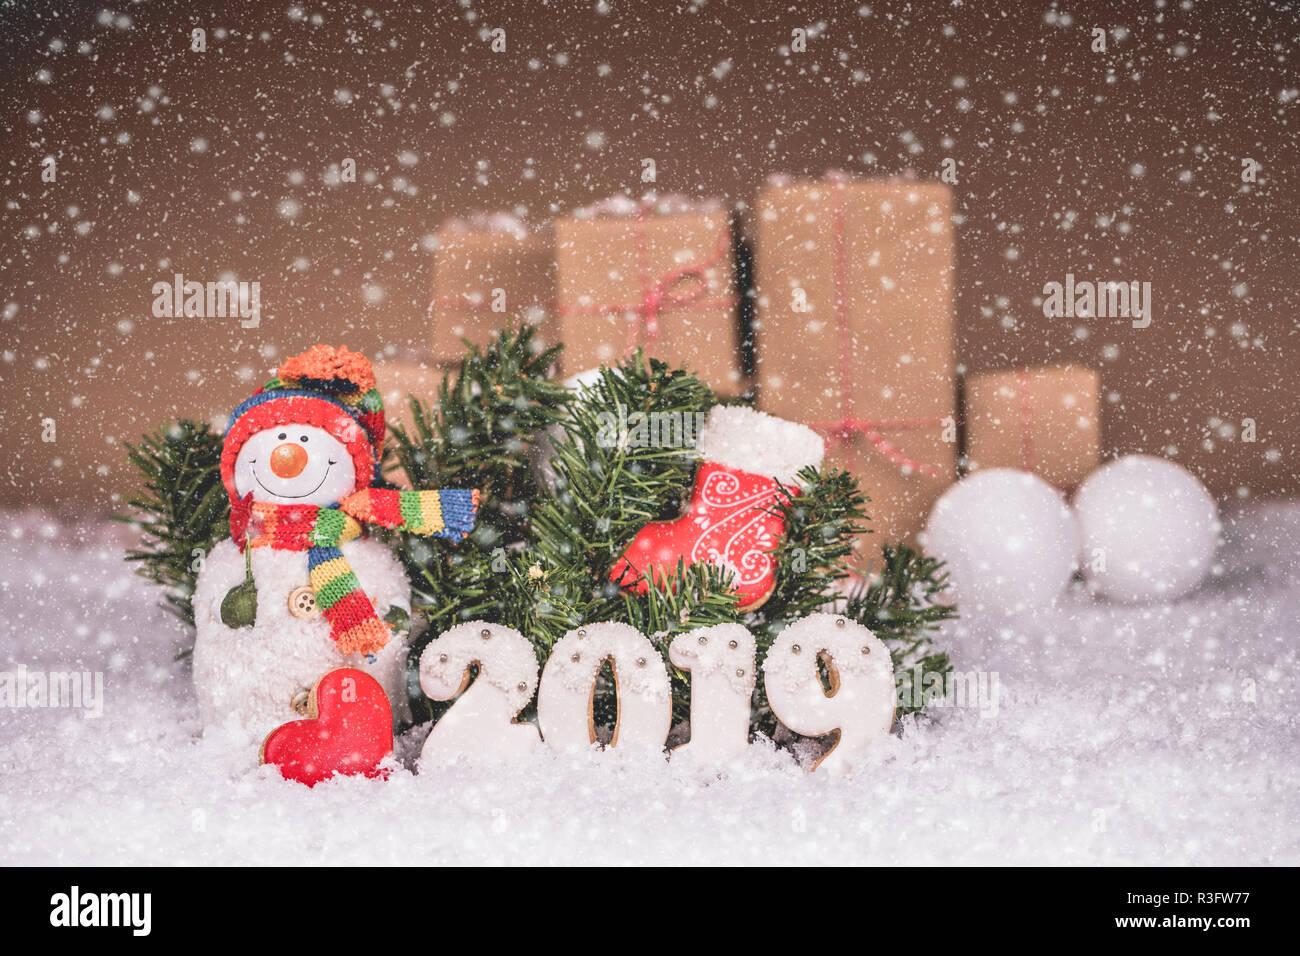 Weihnachten 2019 Schnee.Schneemann Mit Lebkuchen Christbaumschmuck Und Schnee Frohe